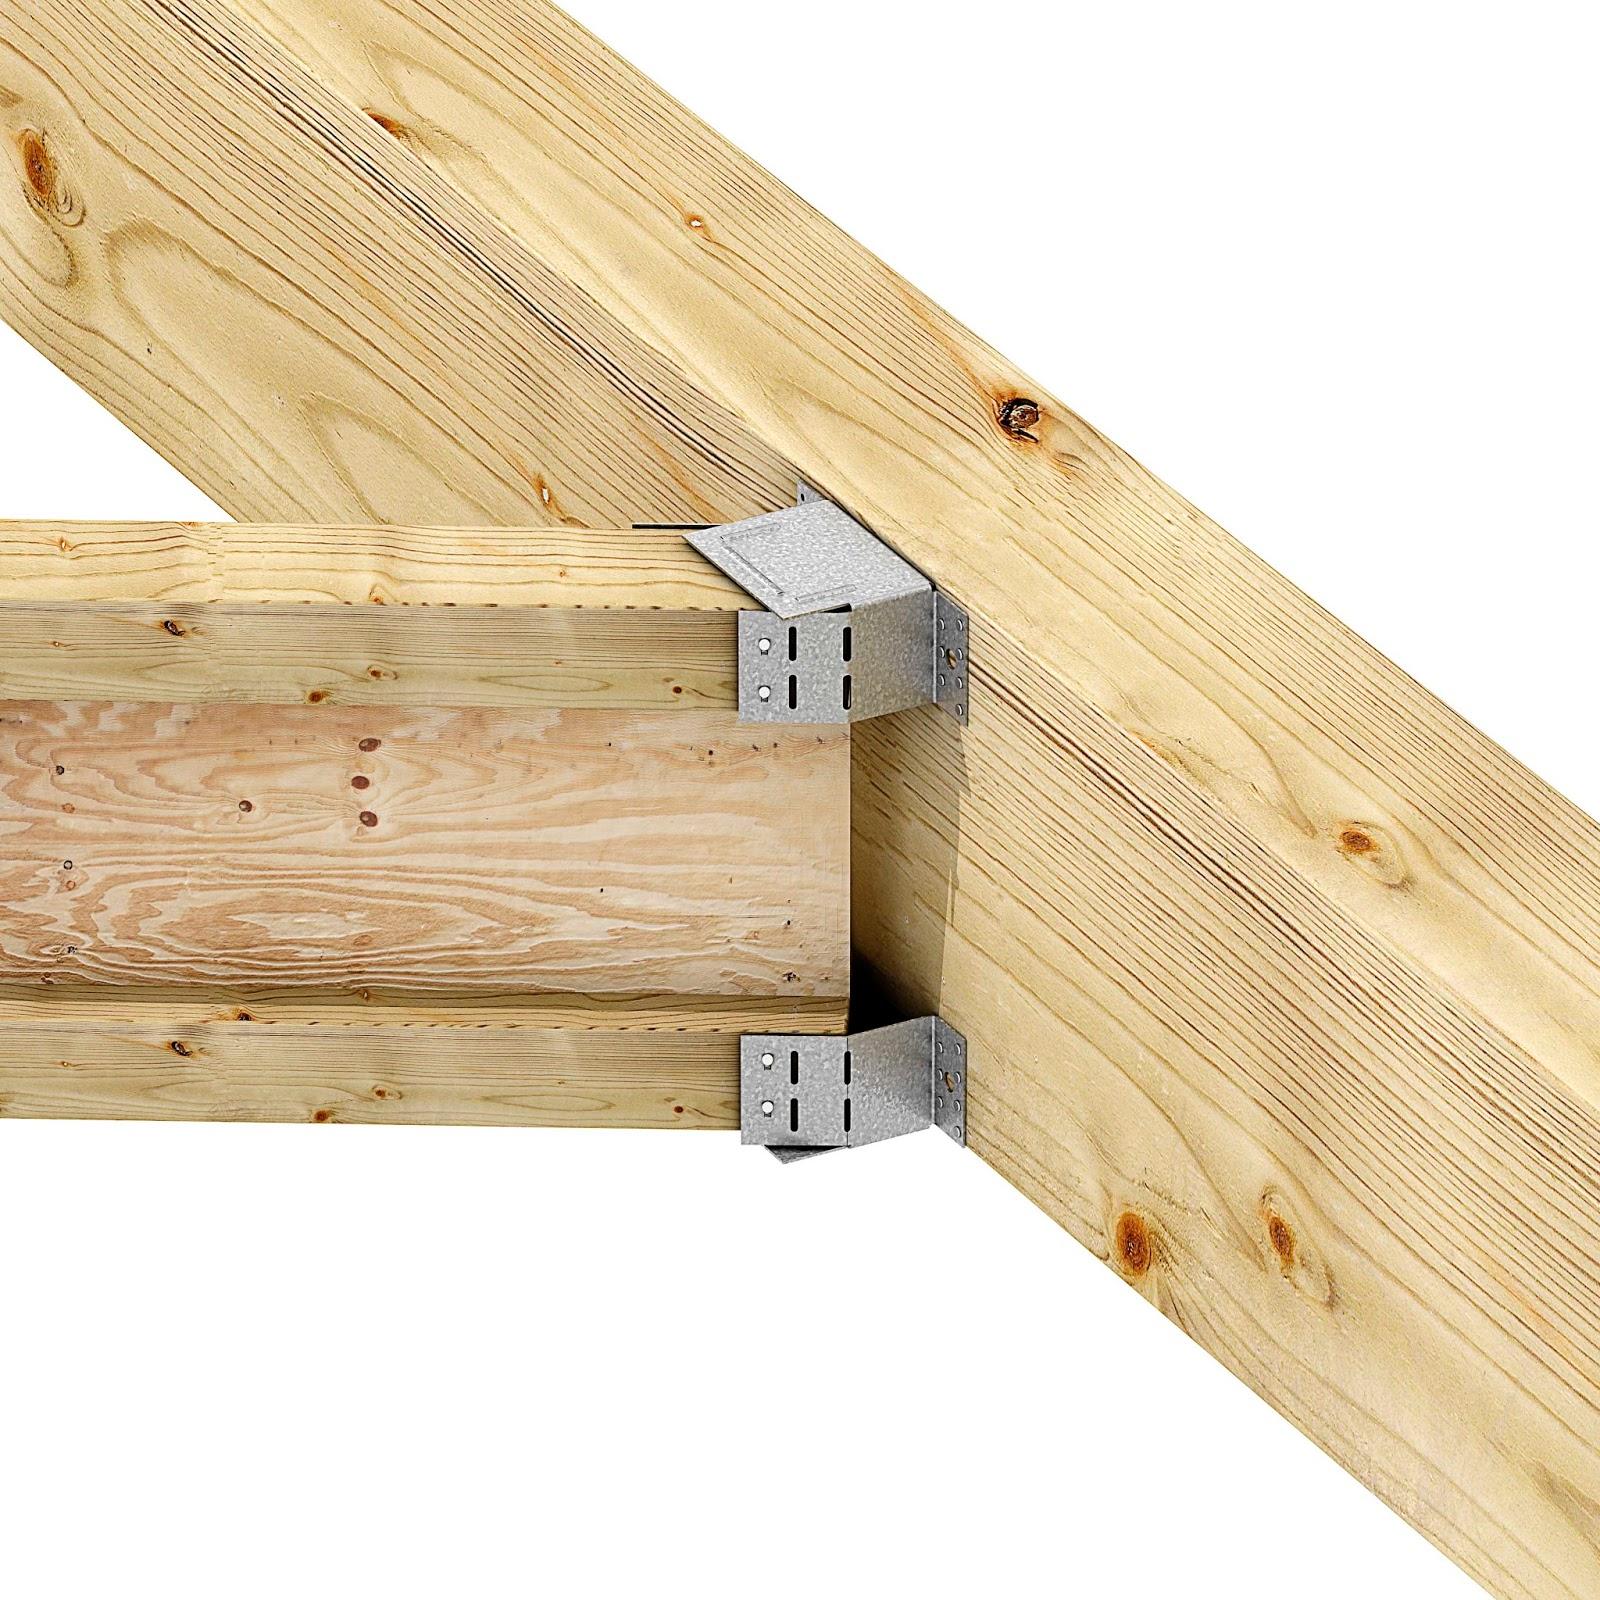 Contimeta bevestigingstechniek hoekankers en andere houtverbinders simpson strongtie - Plafond met balk ...